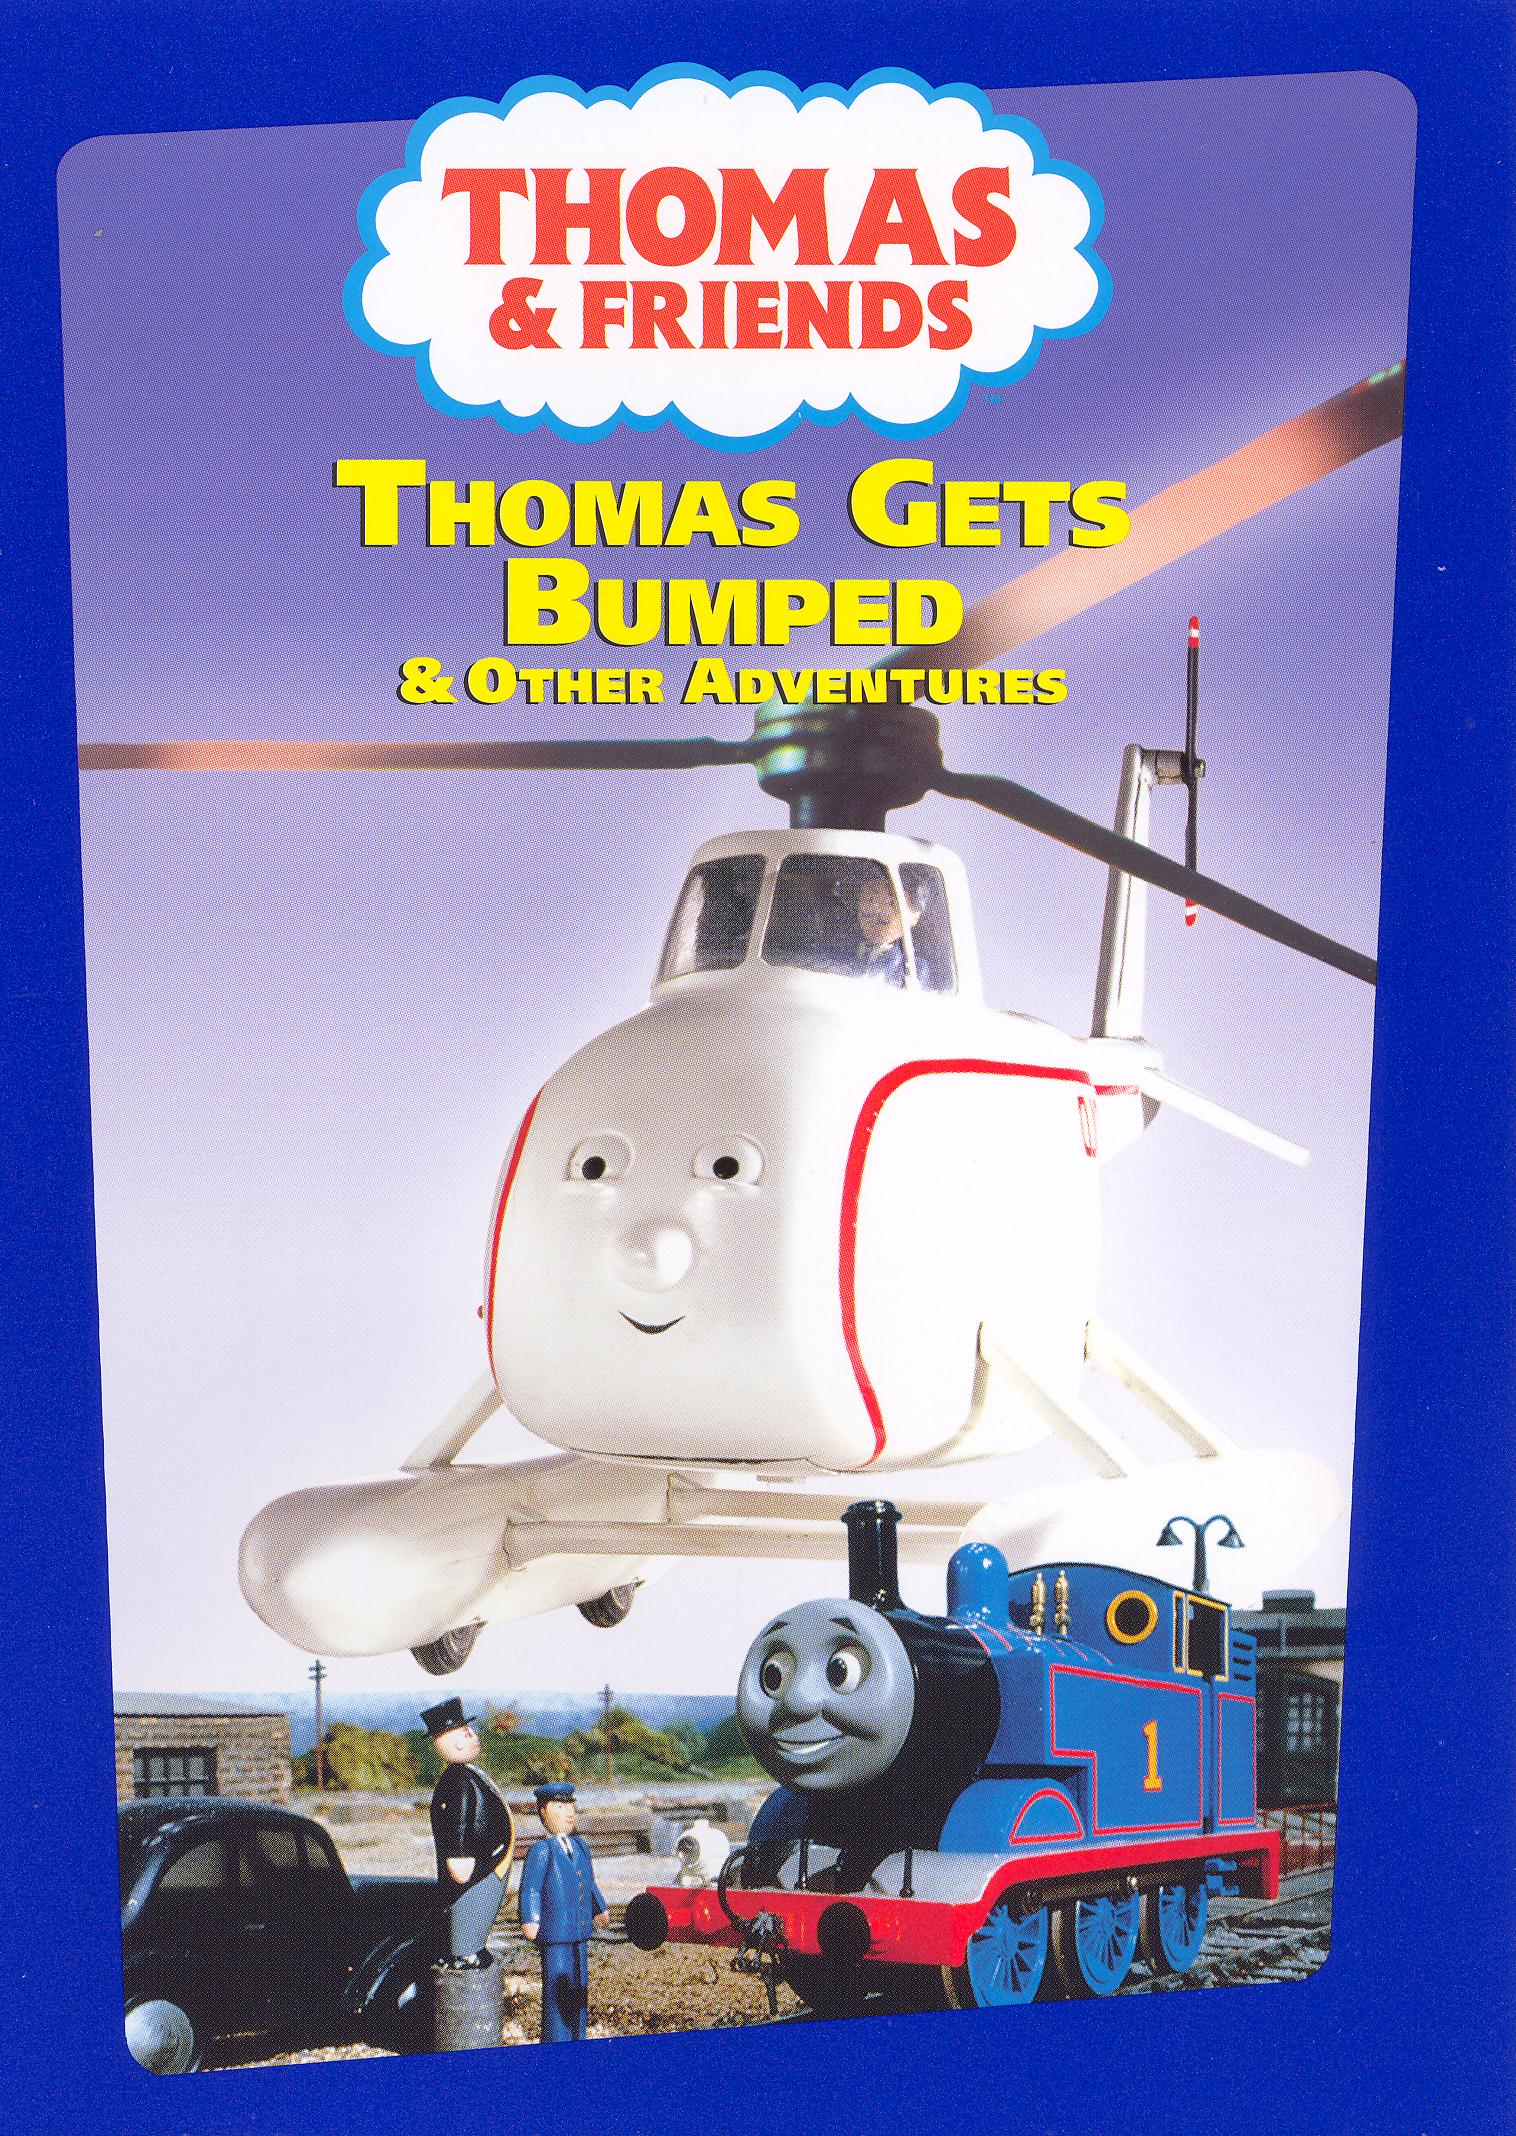 Thomas & Friends: Thomas Gets Bumped